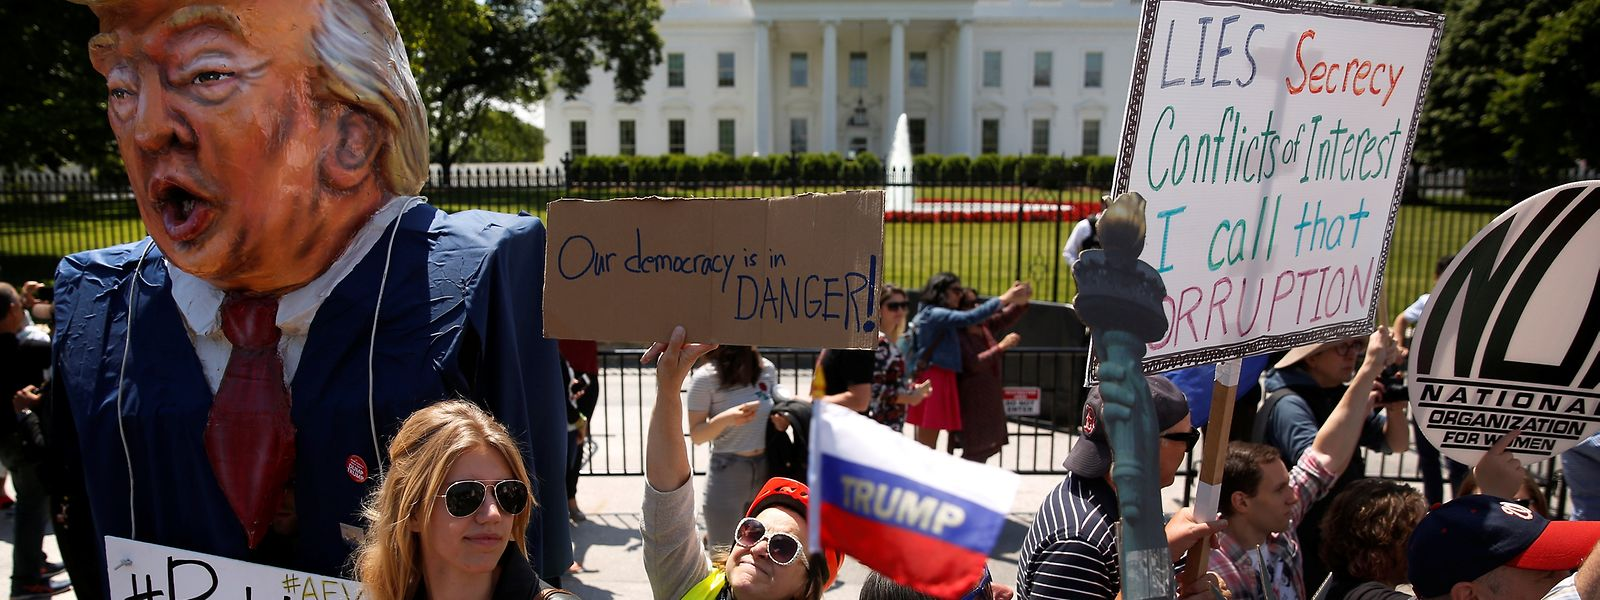 """""""Putins Marionette"""", """"Unsere Demokratie ist in Gefahr"""": Die Proteste gegen Präsident Trump nehmen nach der Entlassung des FBI-Direktors James Comey Fahrt auf."""